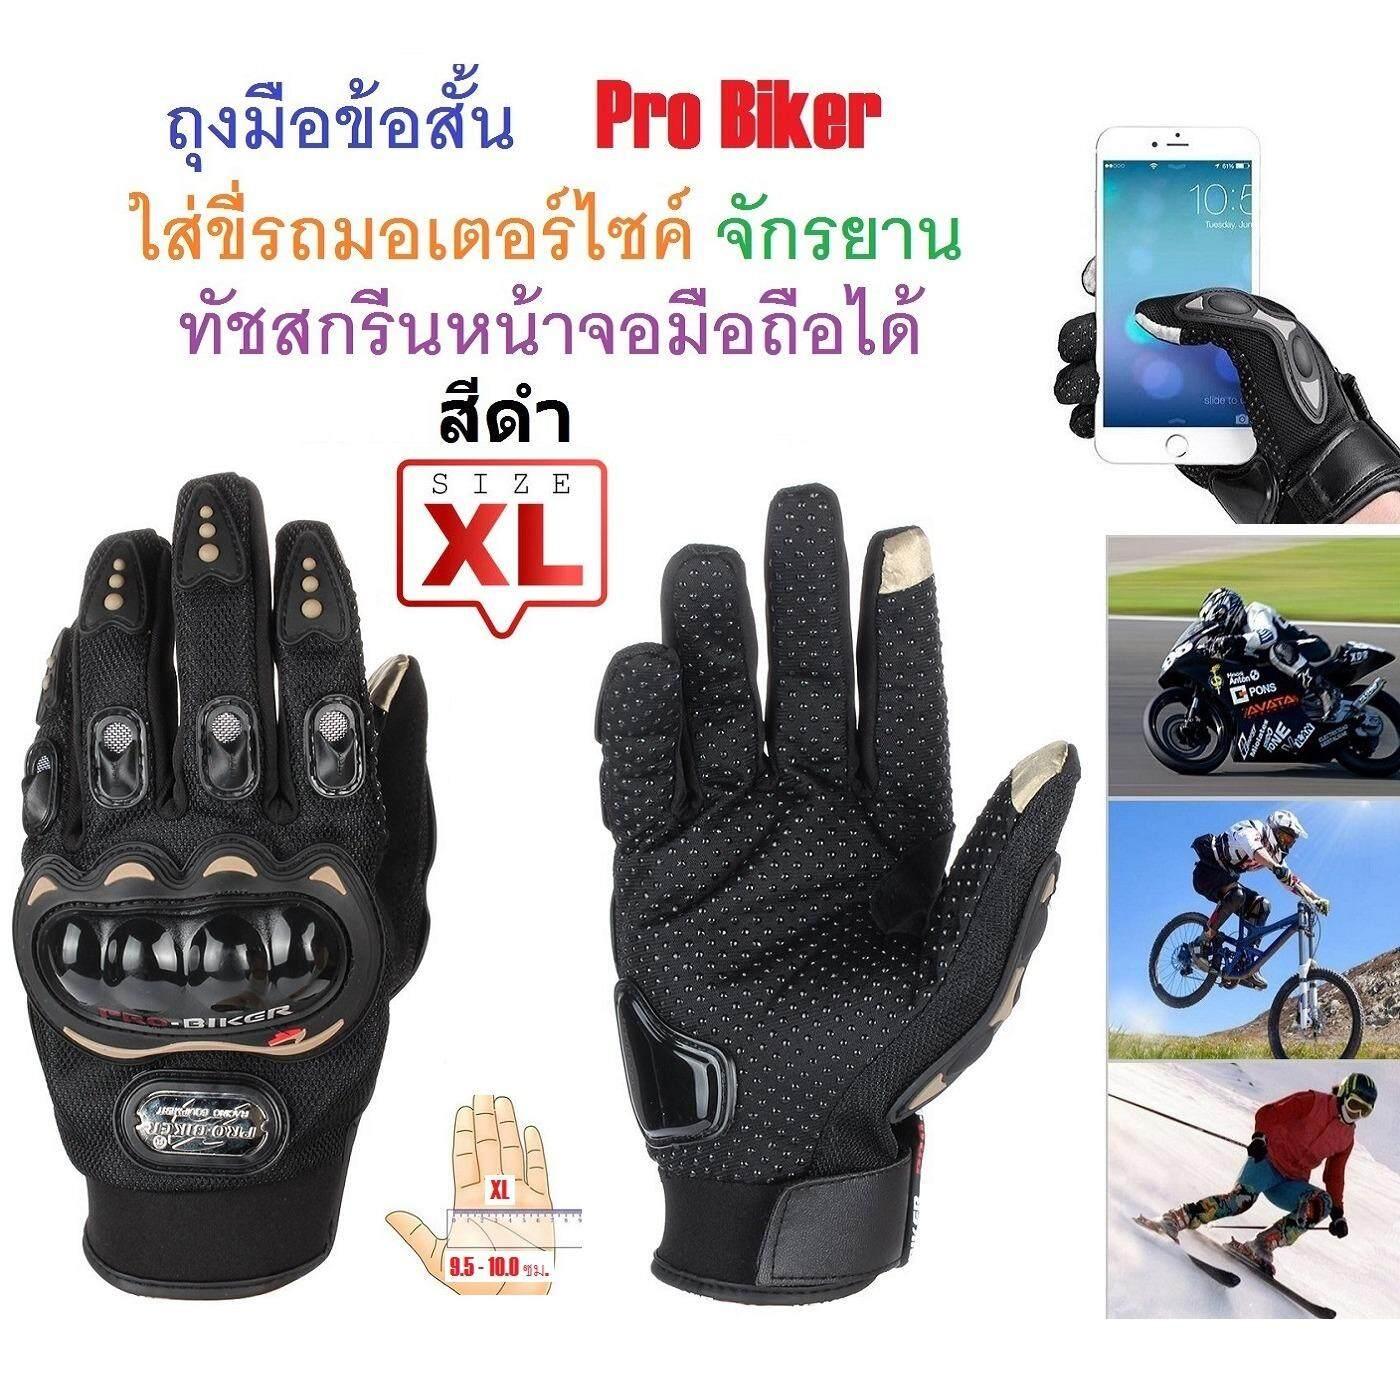 โปรโมชั่น Pym ถุงมือข้อสั้น Pro Biker ใส่ขับรถมอเตอร์ไซค์ ทัชสกรีนหน้าจอมือถือได้ สำหรับชาวไบเกอร์ Size Xl สีดำ จำนวน 1 ชิ้น ถูก